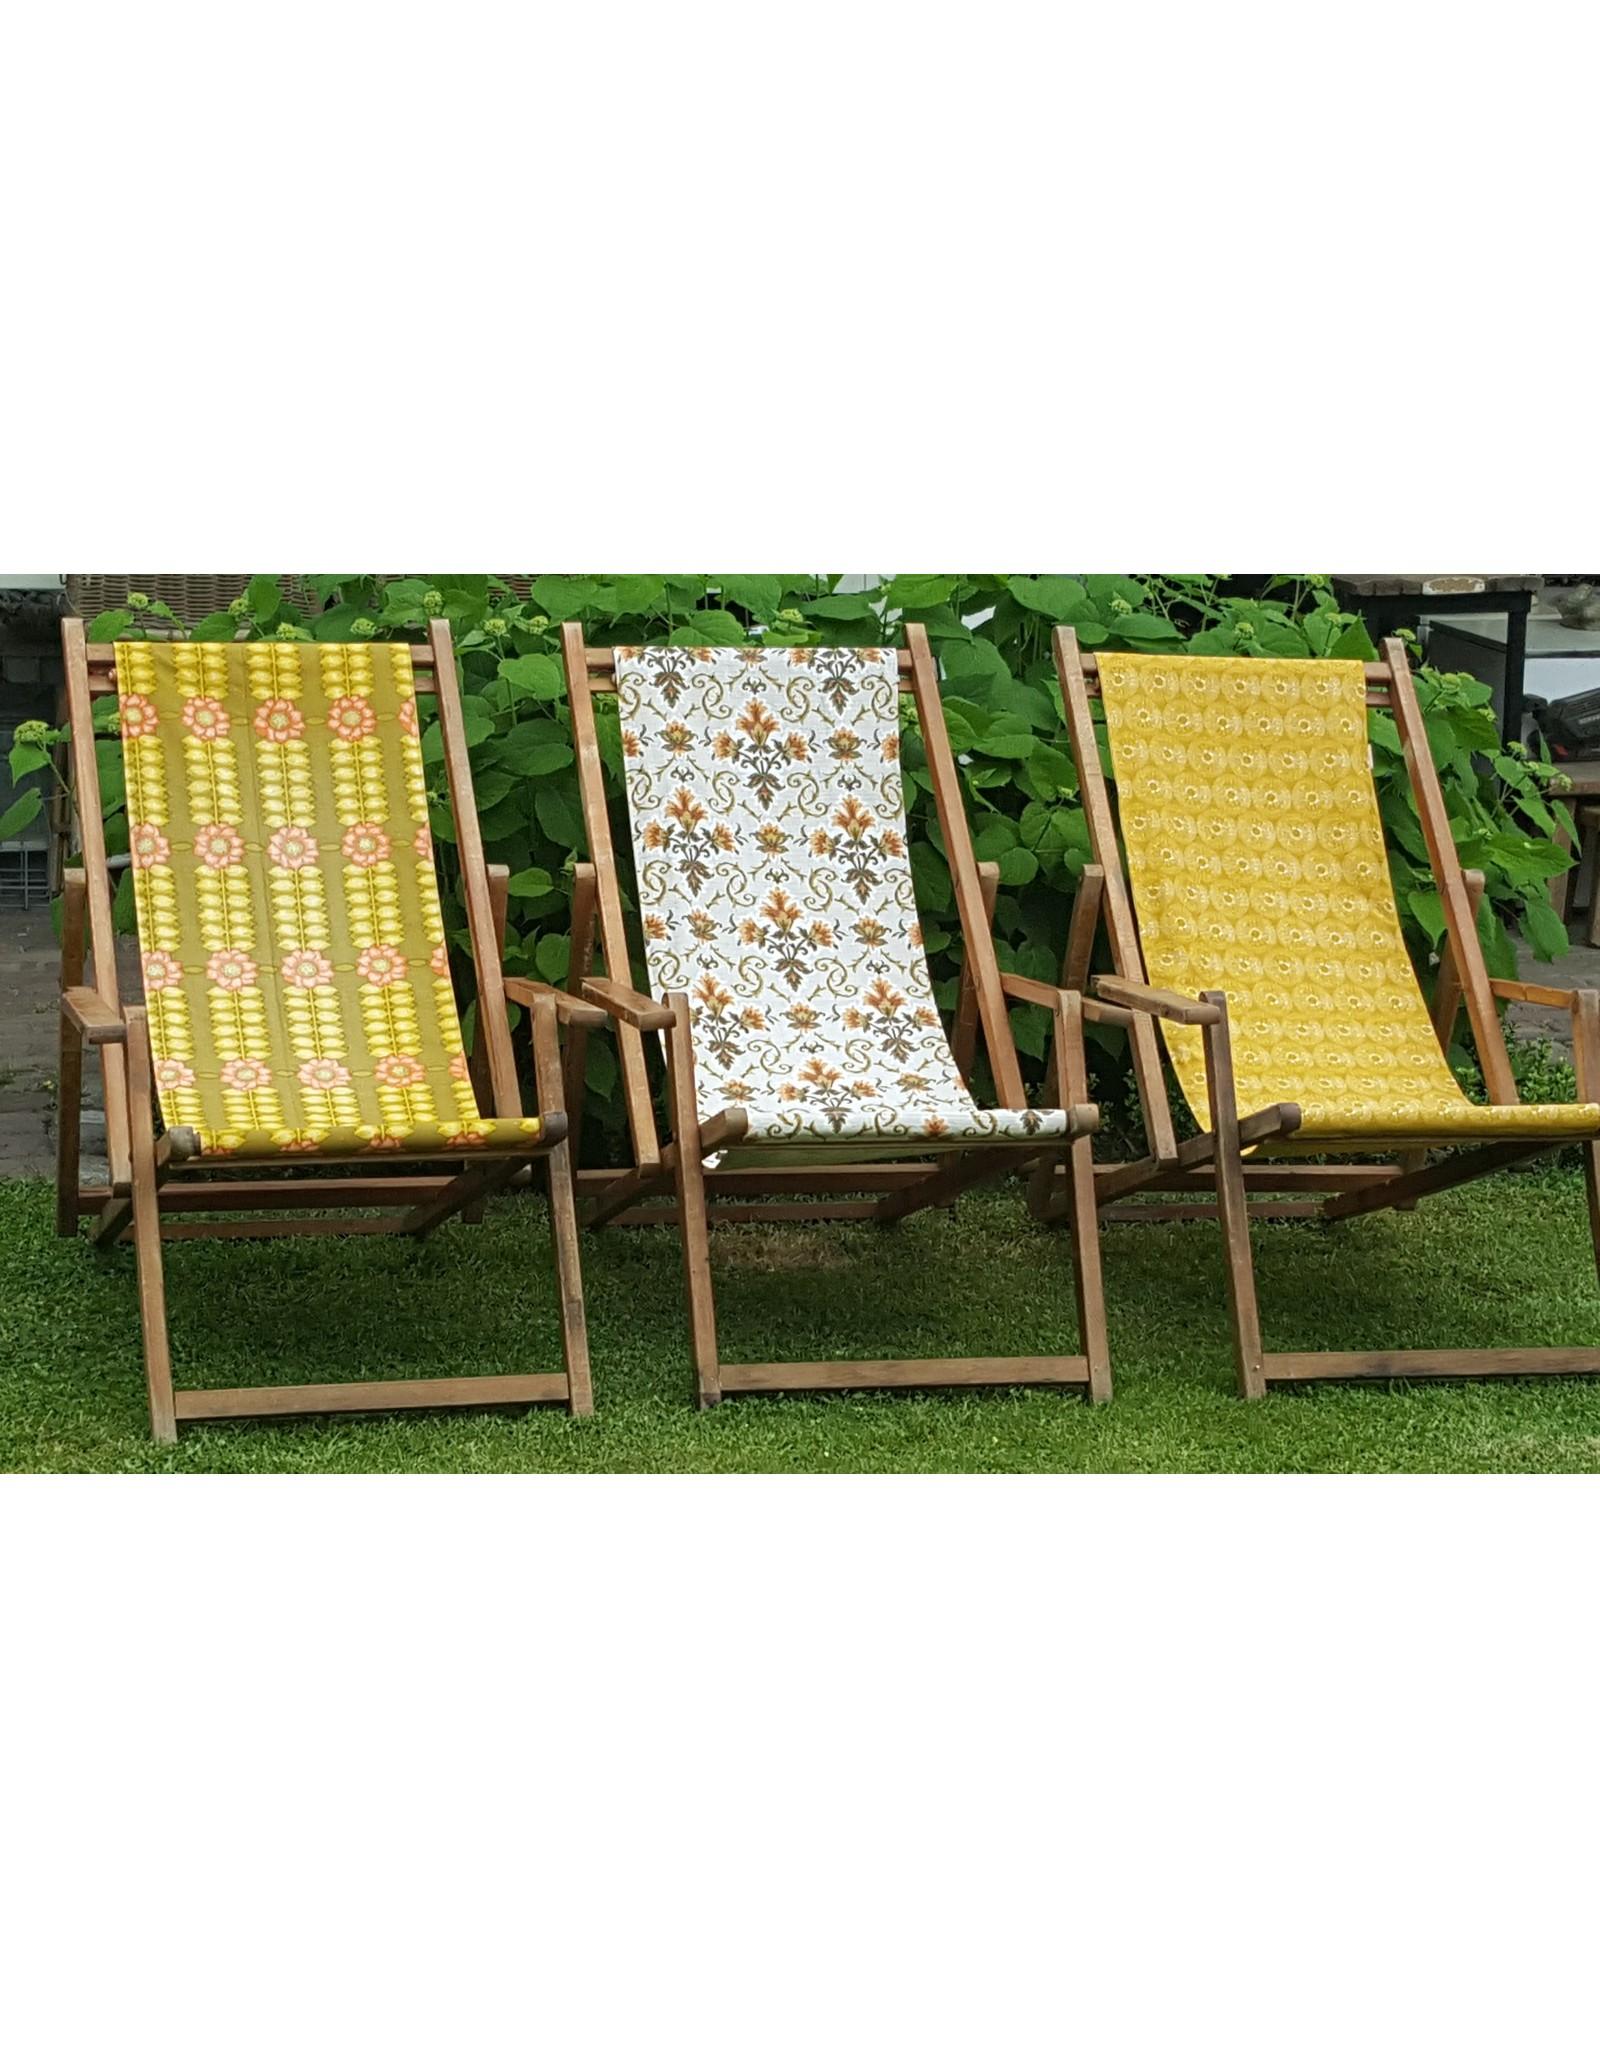 Guinevere Houten vintahge strandstoel Zandvoort met armleuningen